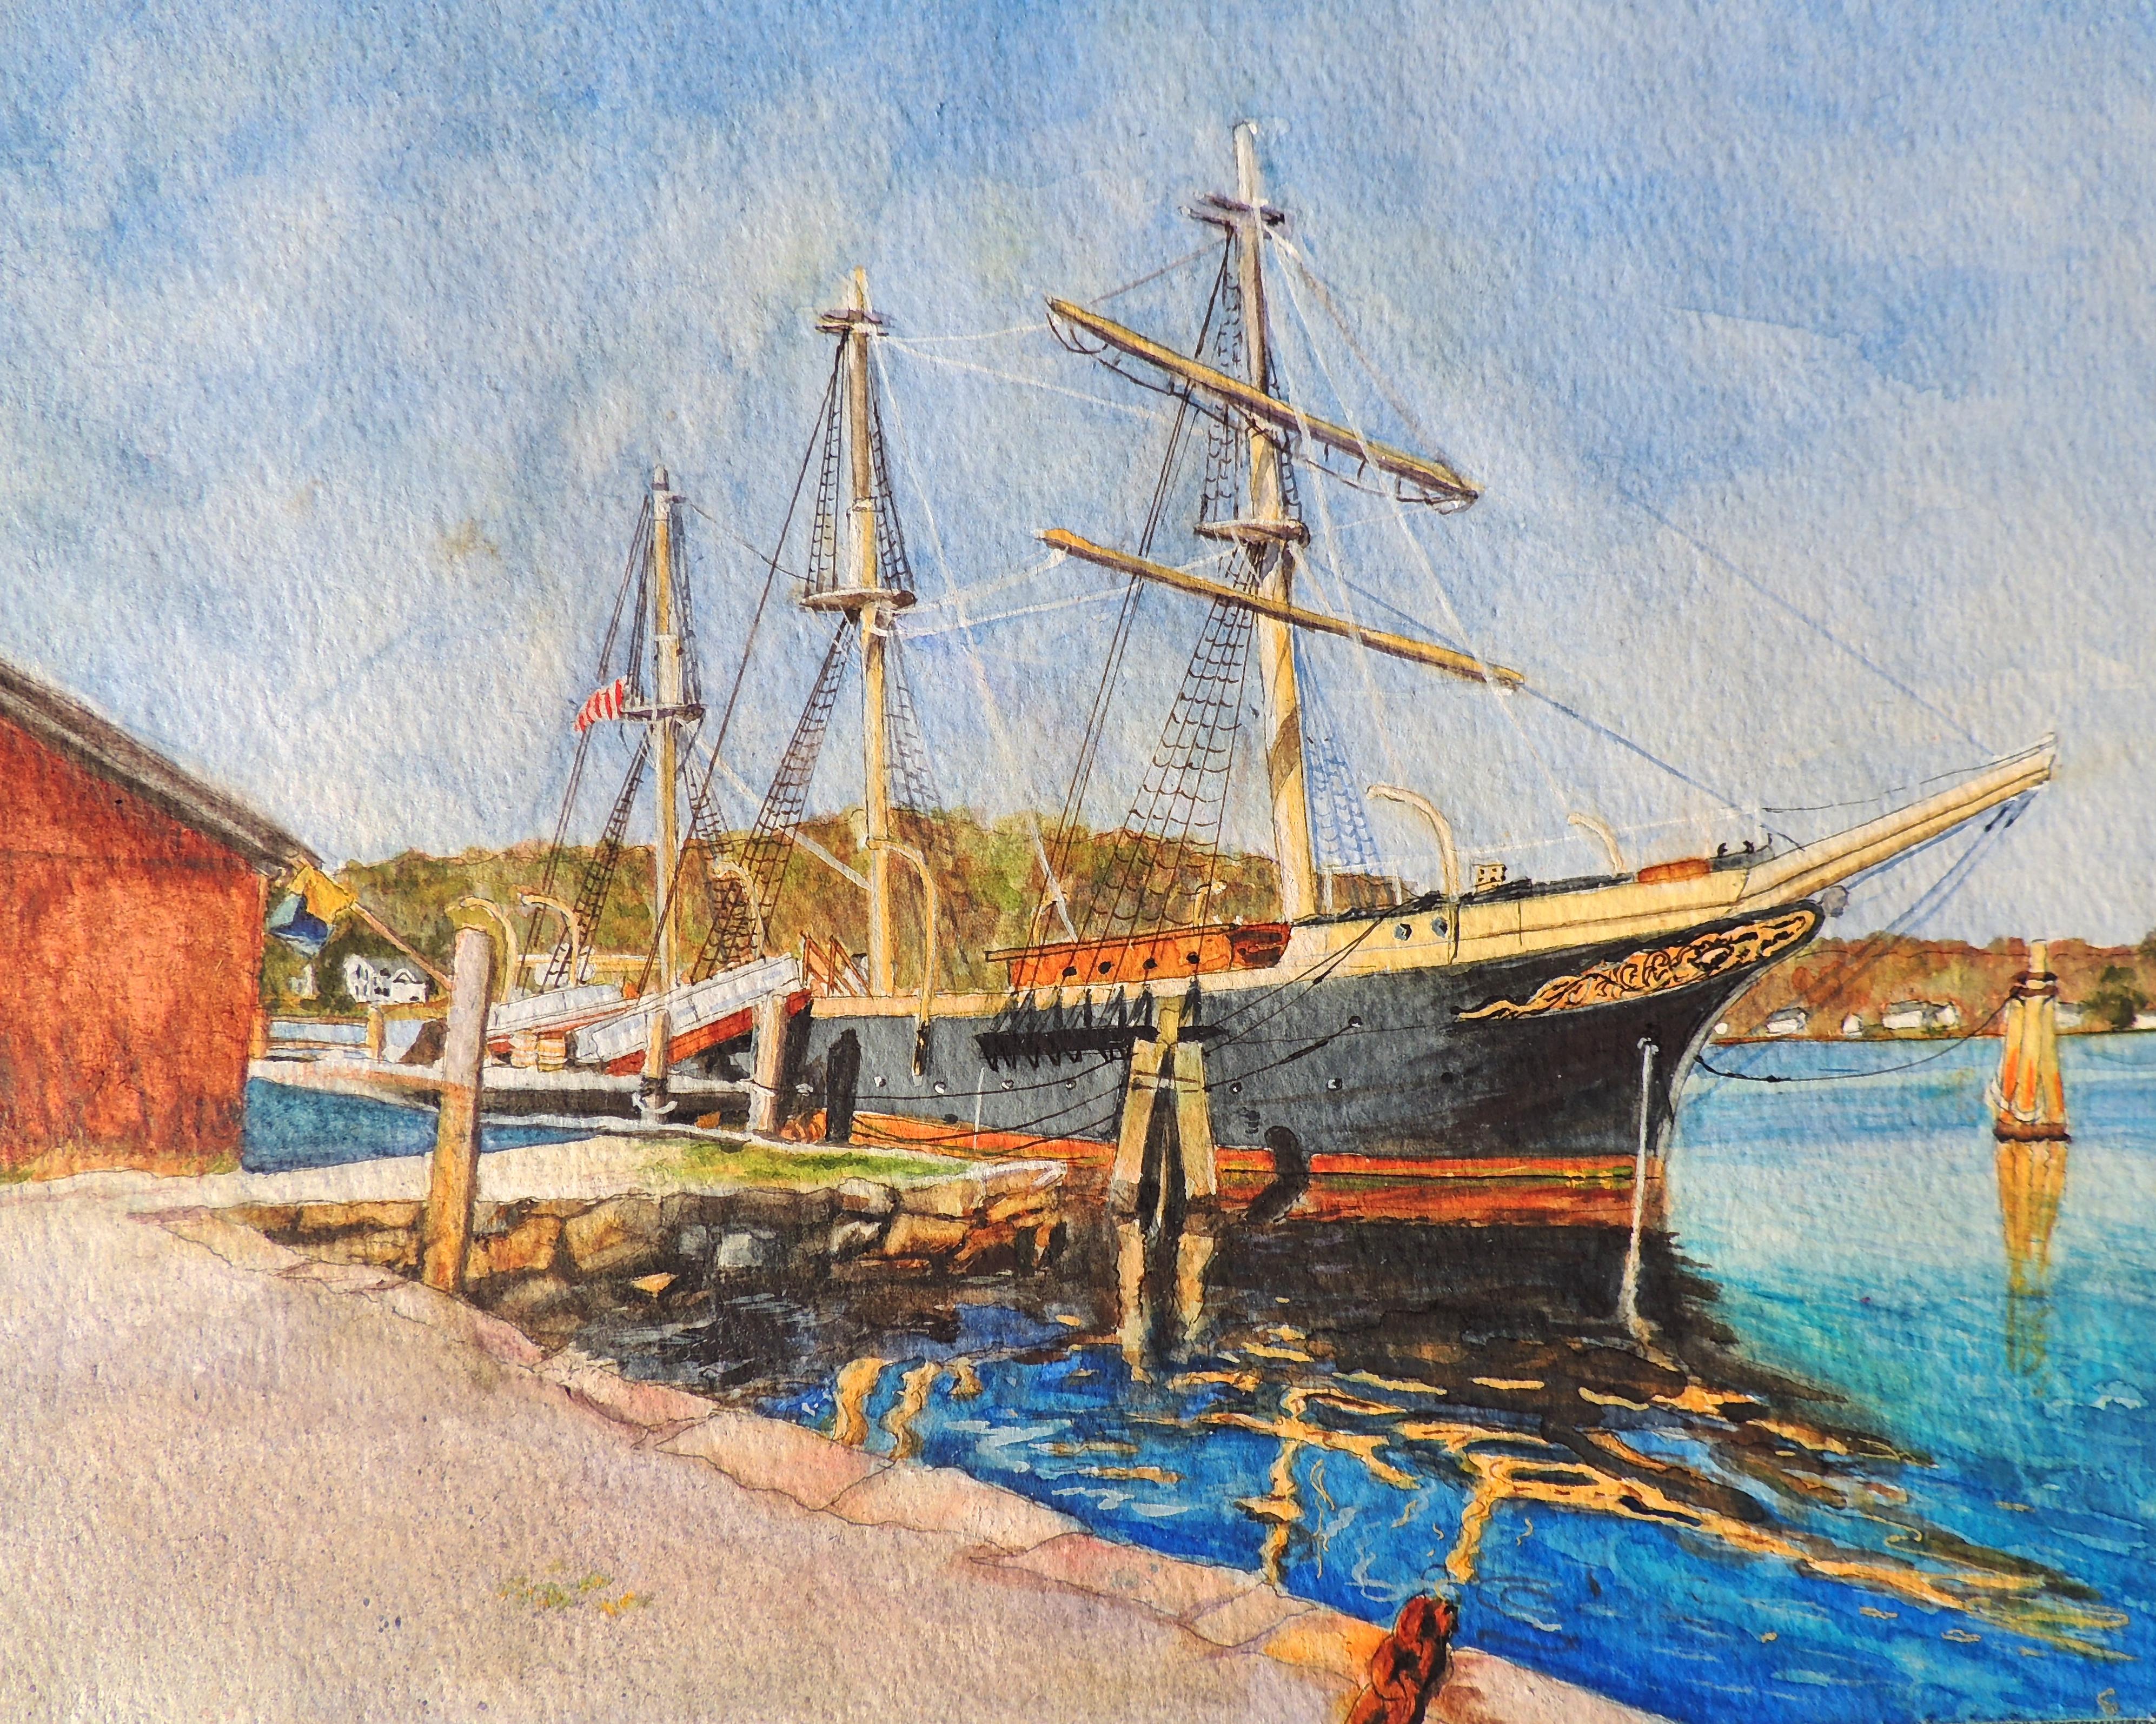 Joseph Conrad, Mystic Seaport